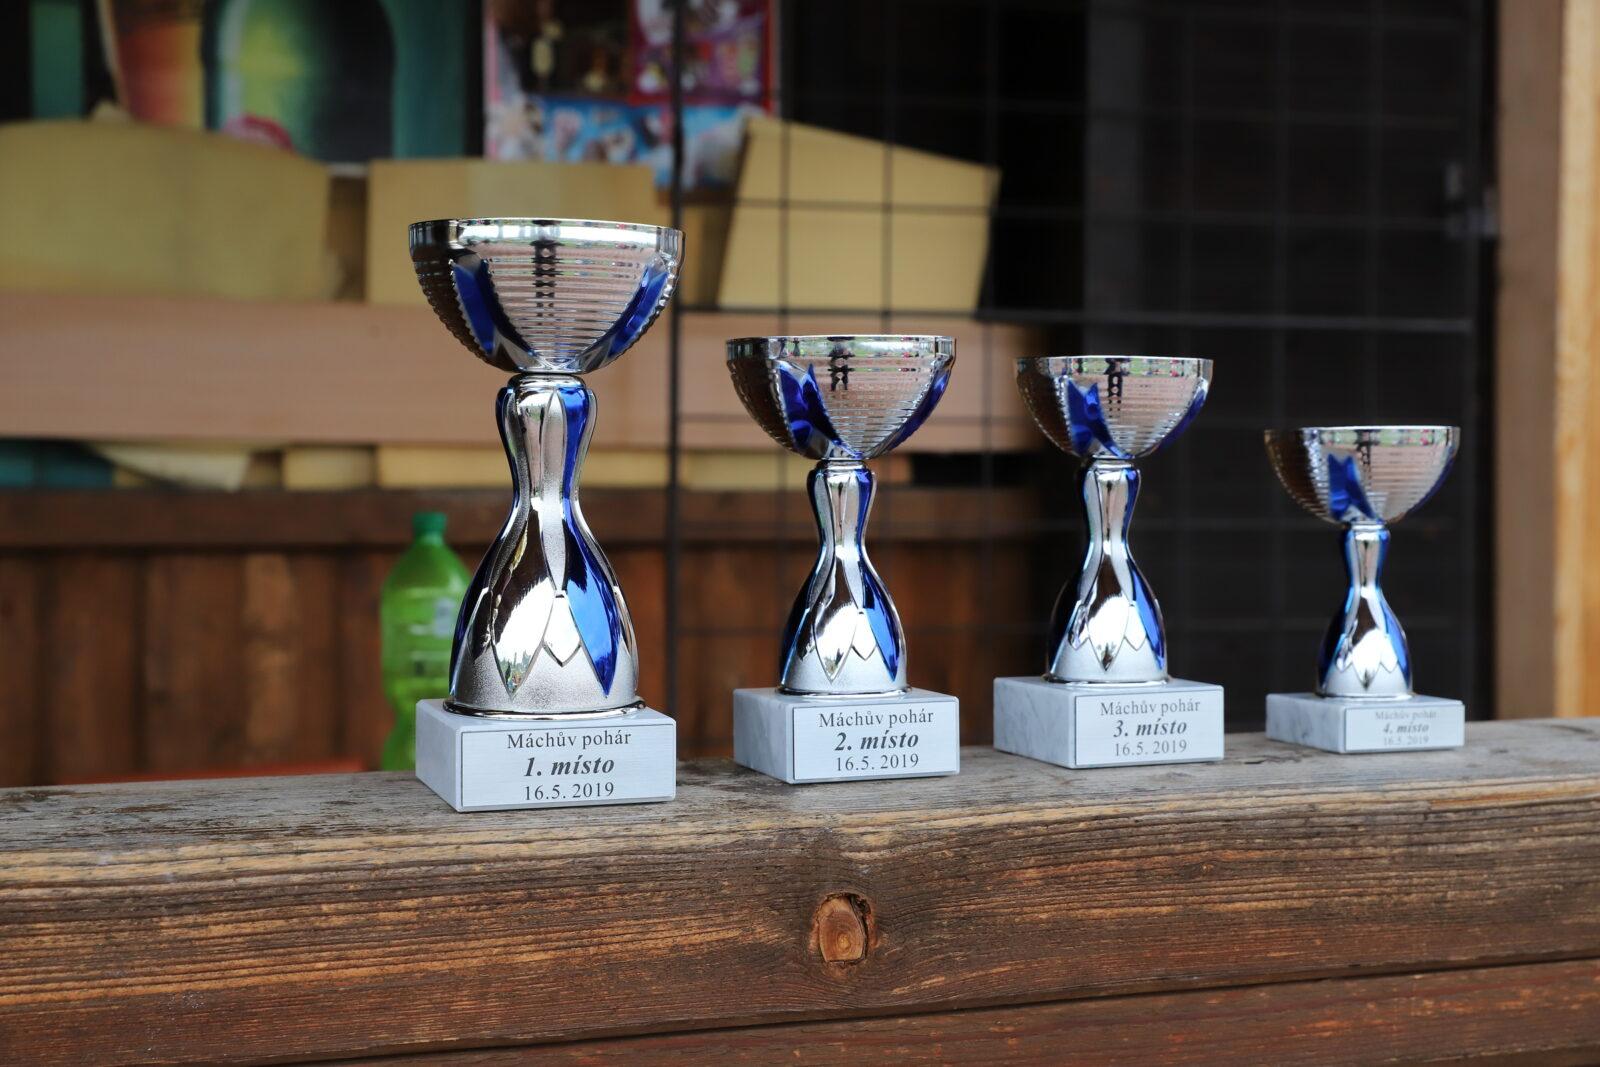 Máchův pohár 2019